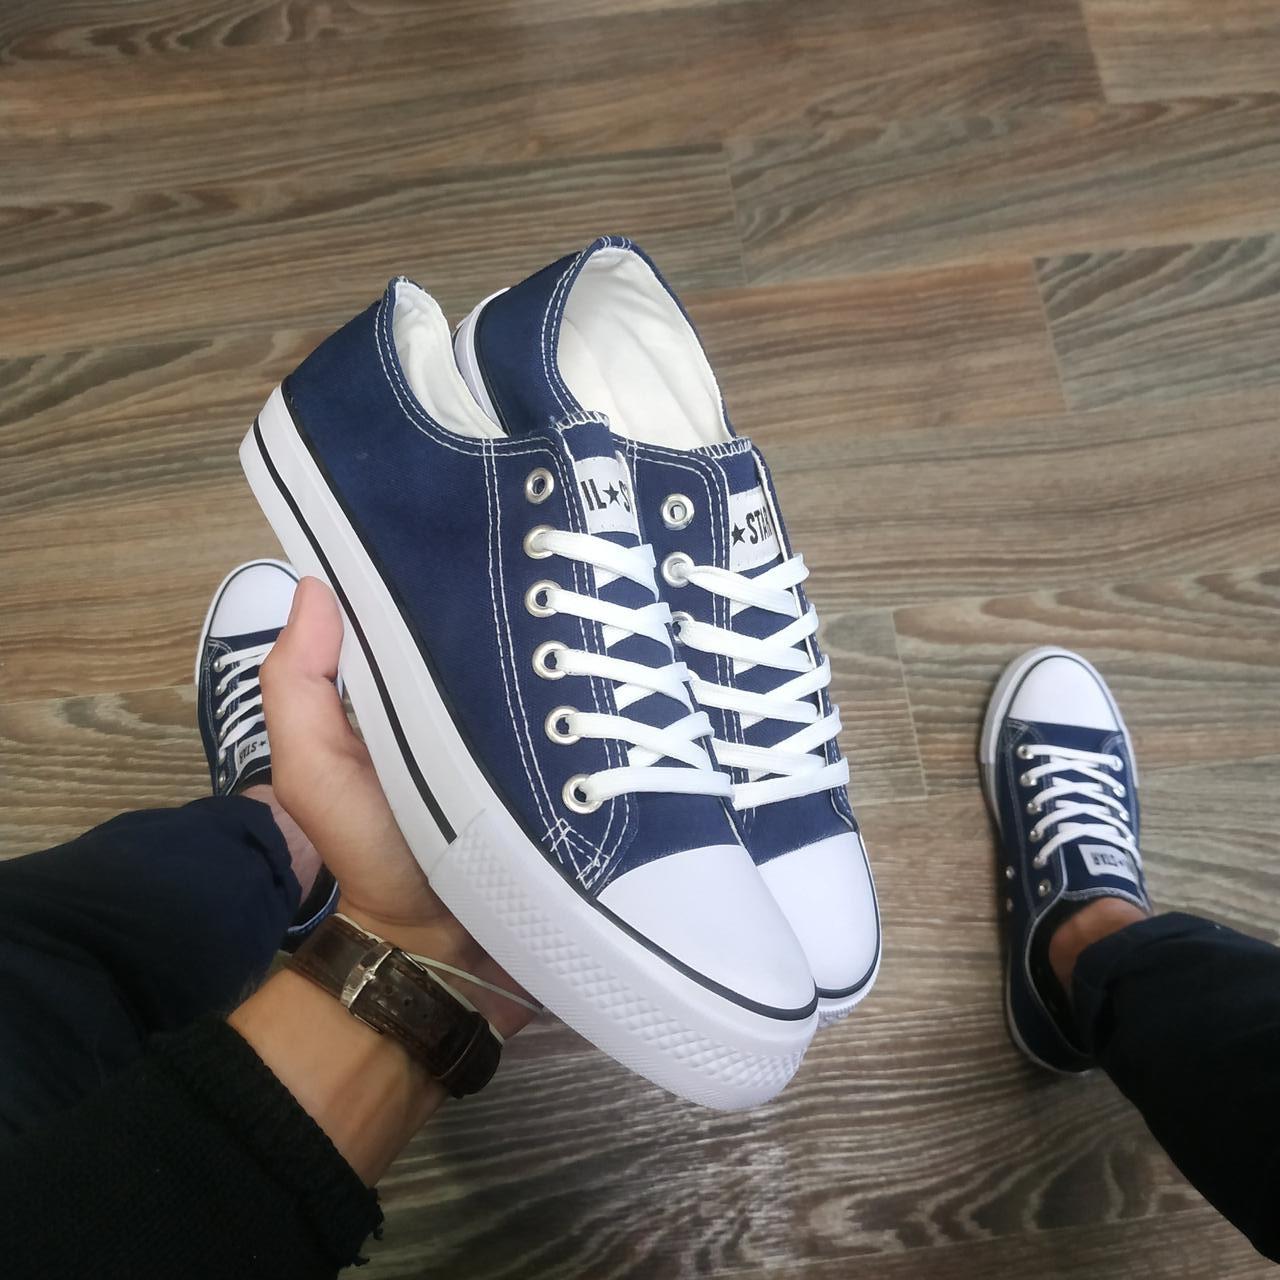 Конверси жіночі і чоловічі темно сині кросівки, кеди конверси AIL STAR в стилі Converse